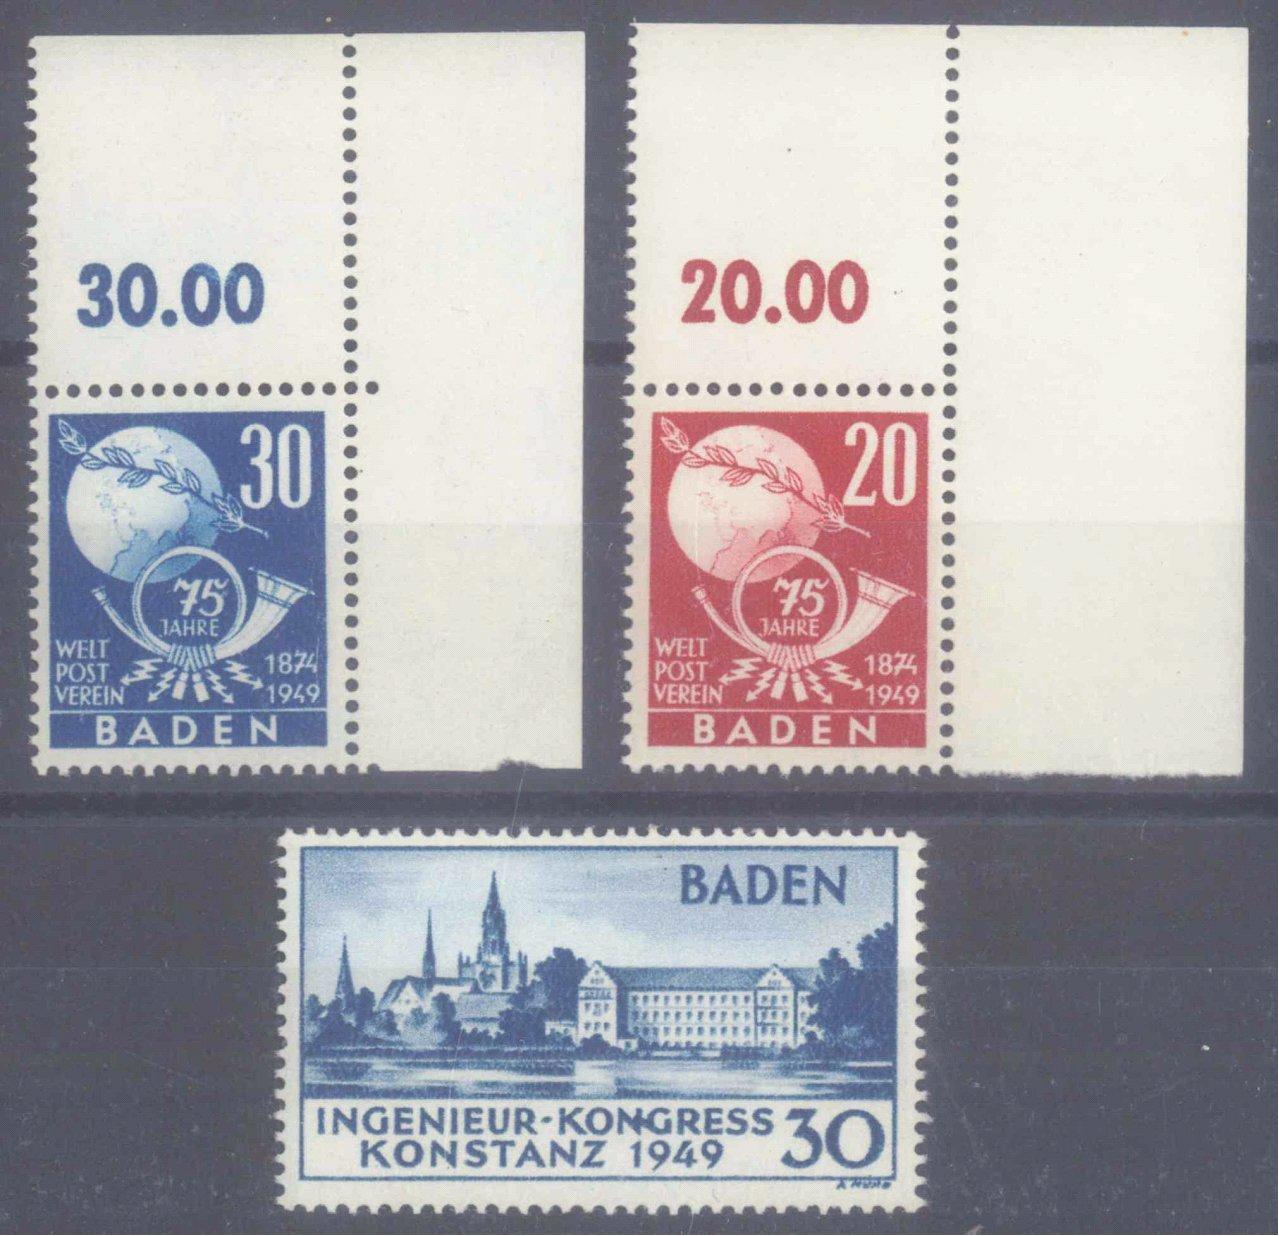 FRANZÖSISCHE ZONE BADEN 1949, KONSTANZ I PF II + UPU Ecken